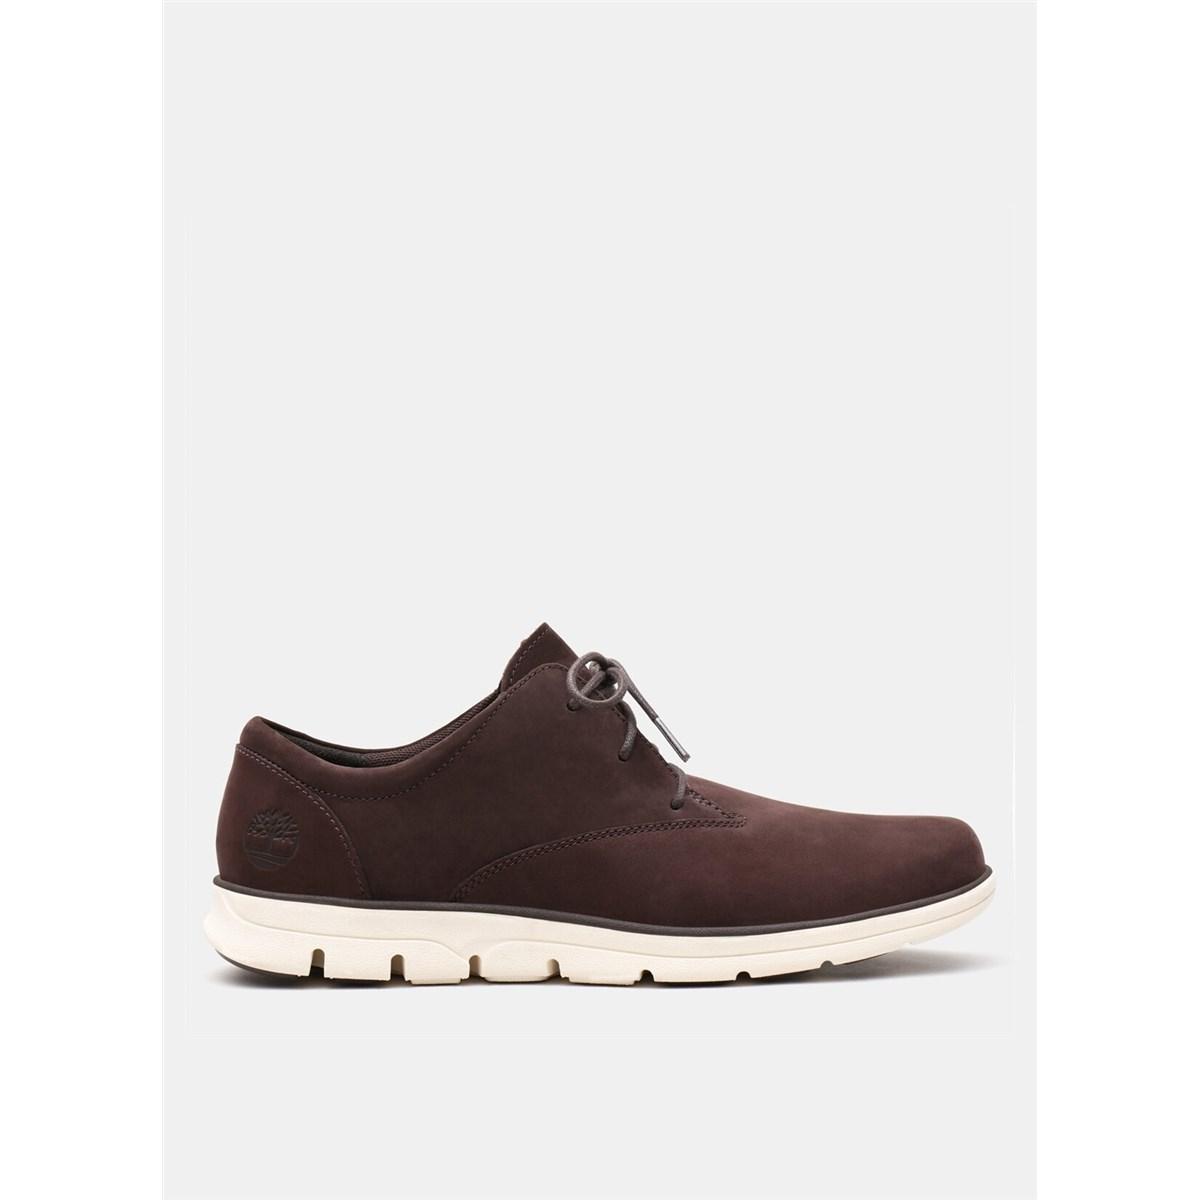 Bradstreet Pt Oxford Kahverengi Erkek Günlük Ayakkabı